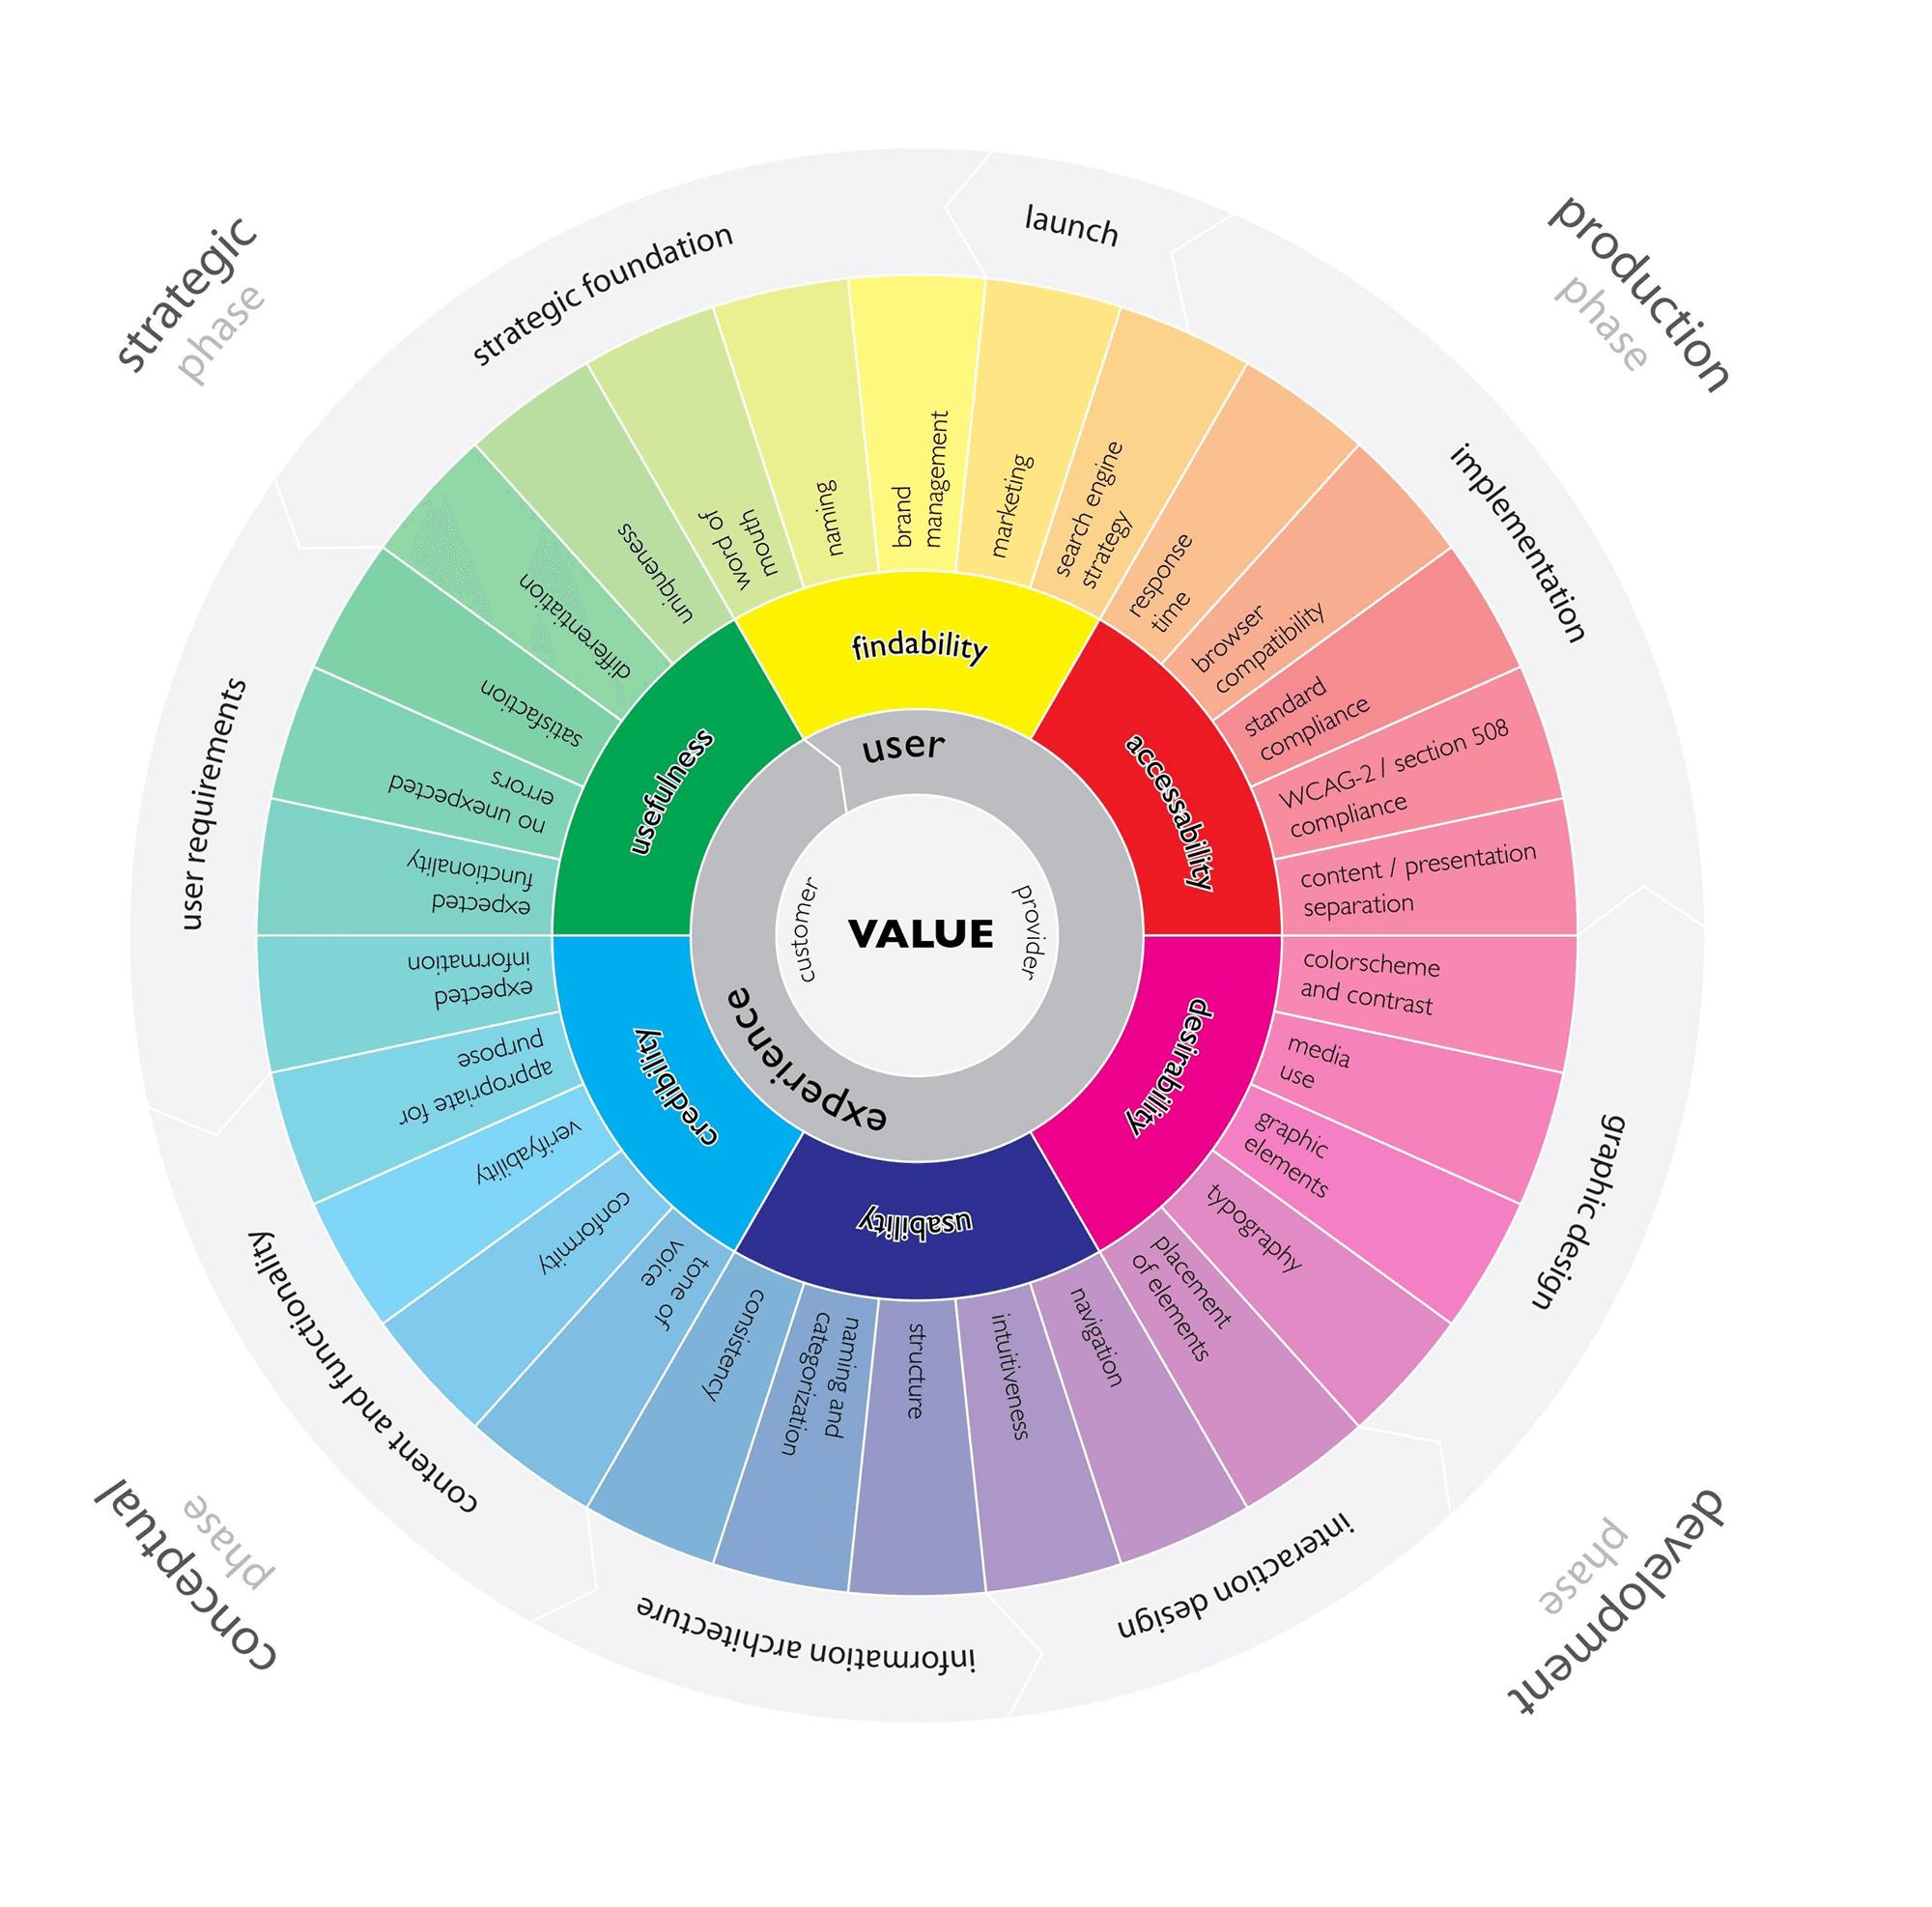 L'user experience wheel pour bien comprendre comment faire de l'ux design